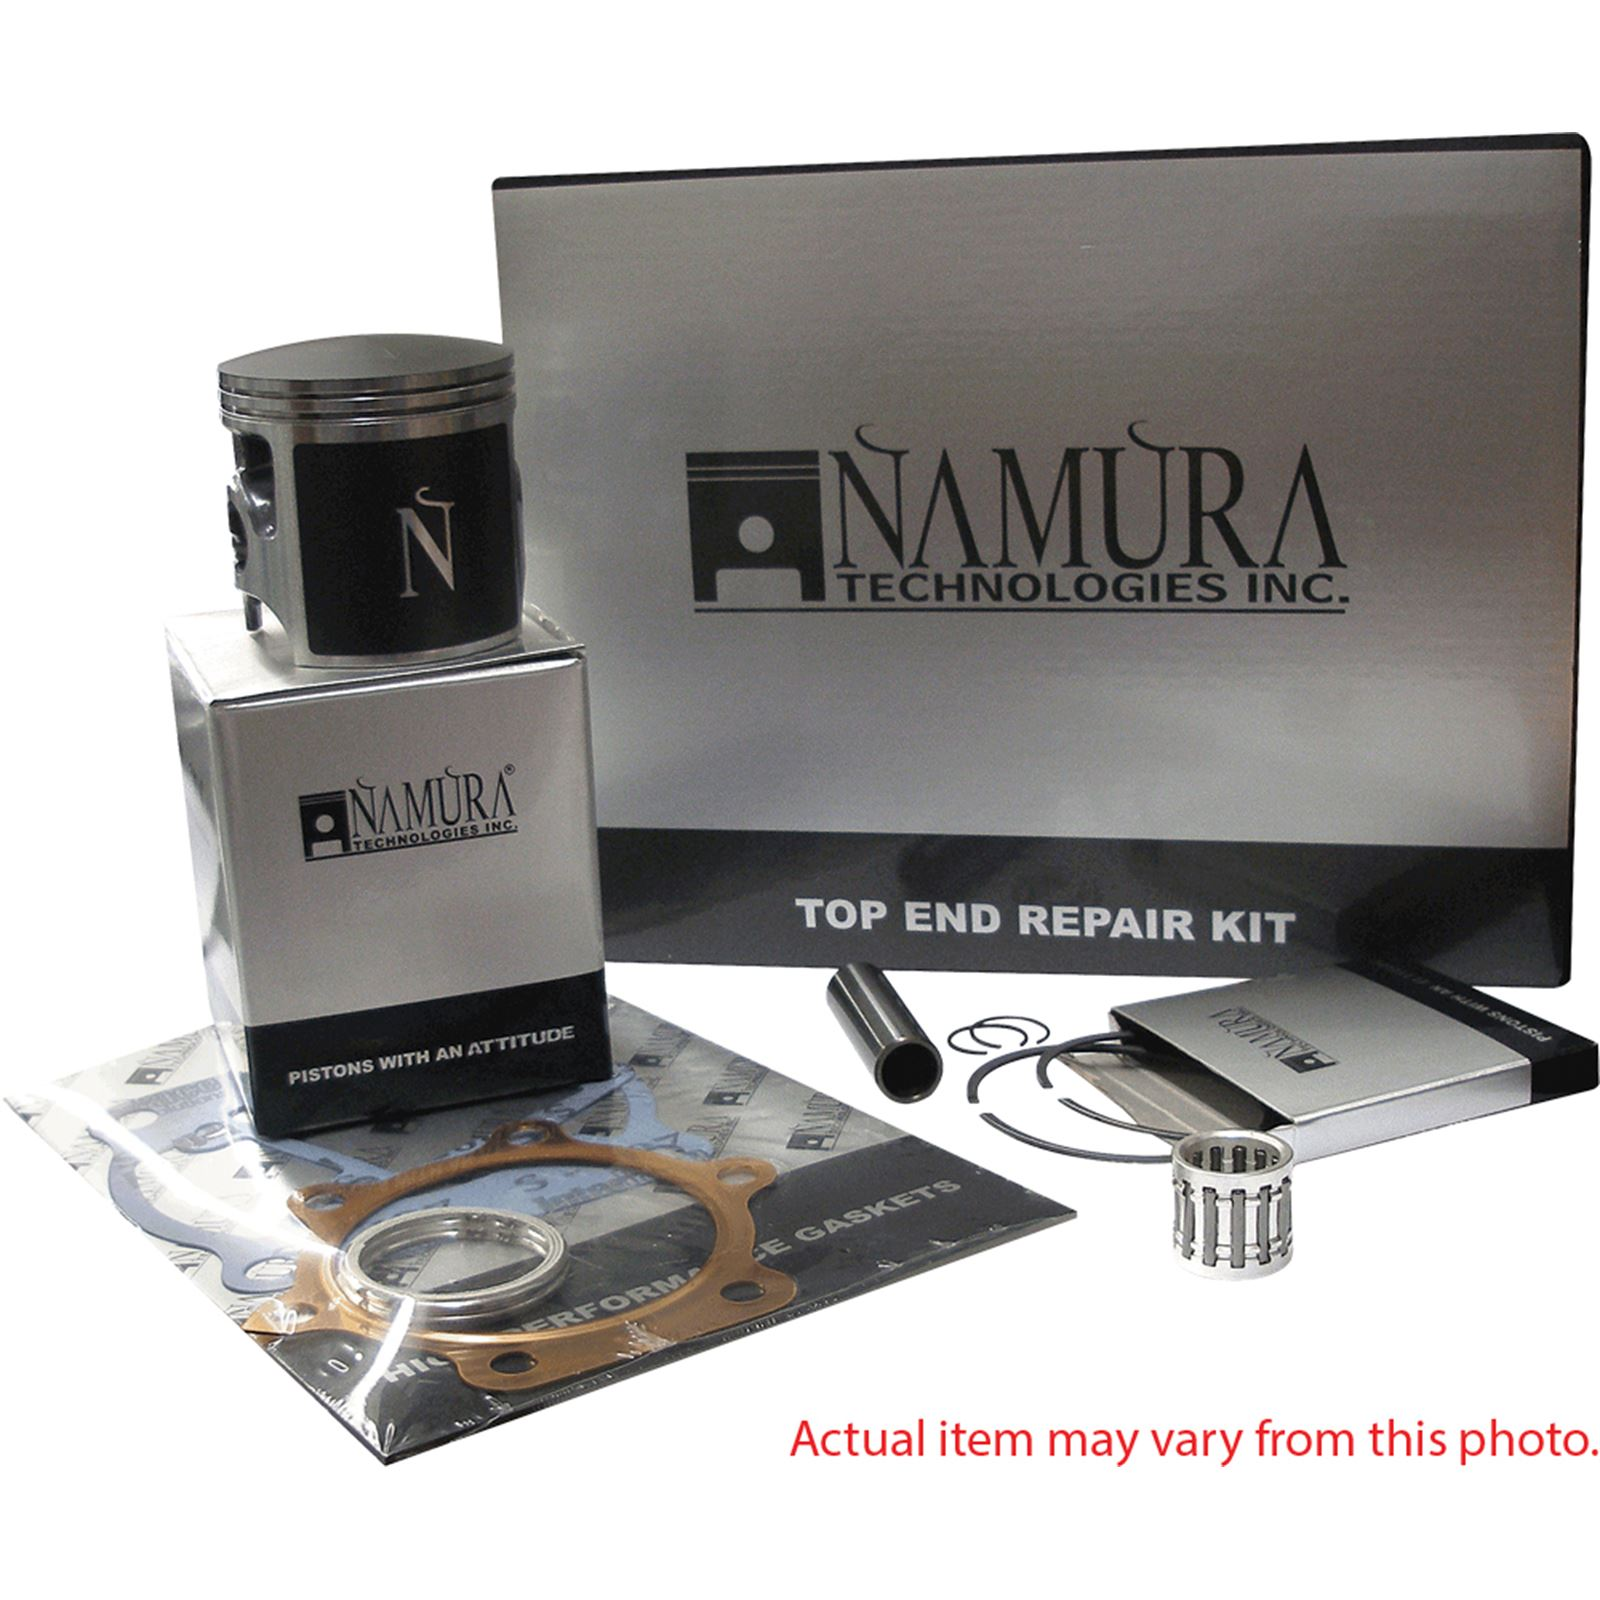 Namura Top End Repair Kit